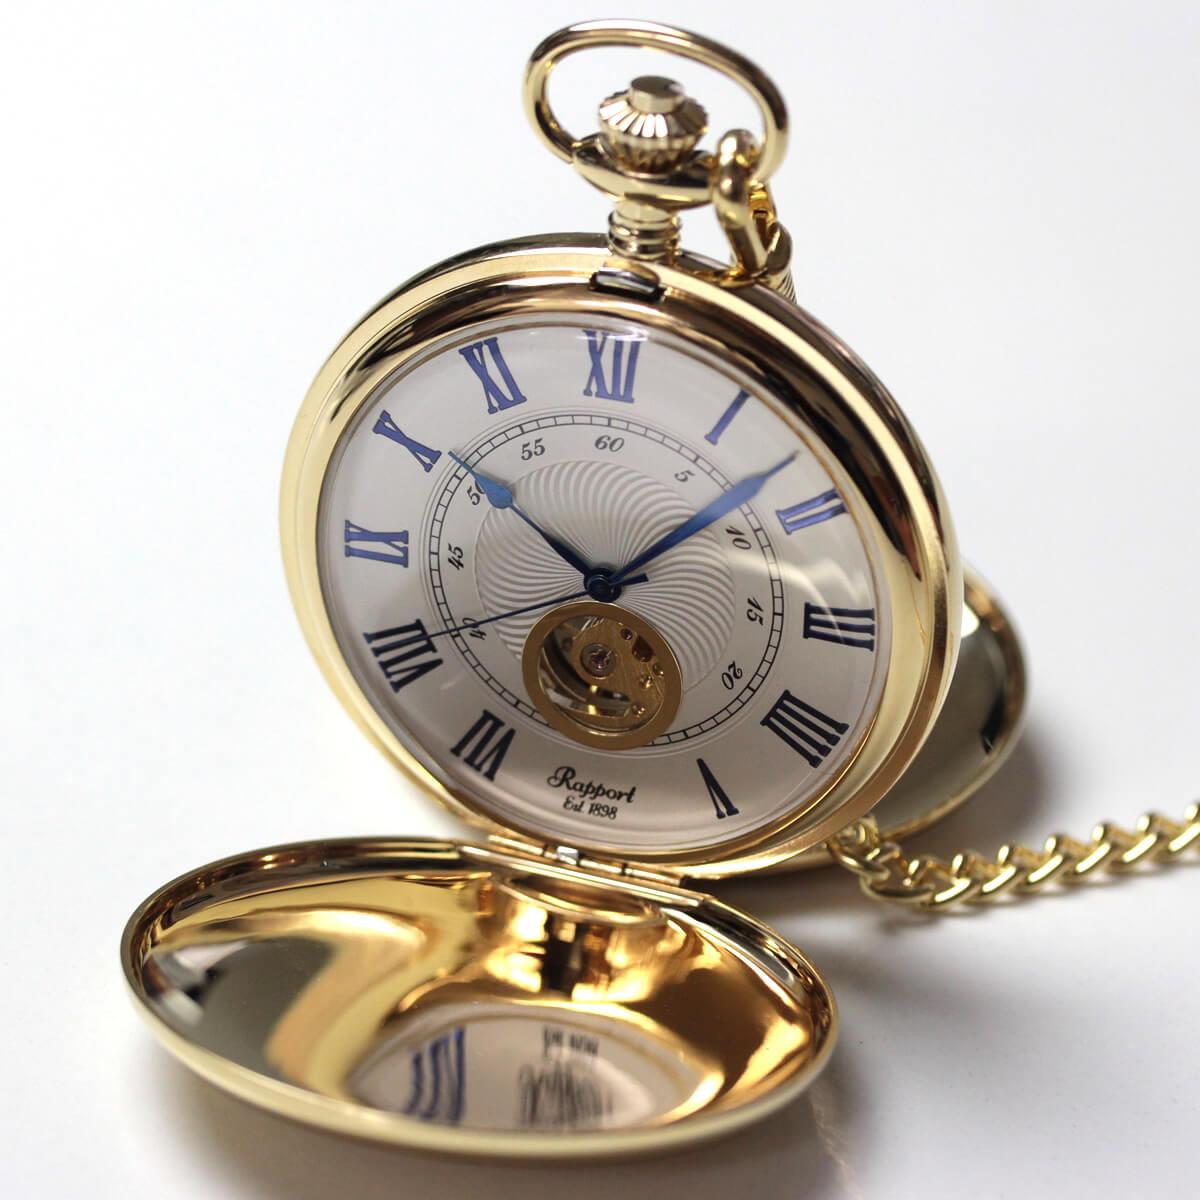 イギリスブランド rapport(ラポート) 懐中時計 pw98 ゴールドカラーの両蓋開きスケルトンモデル